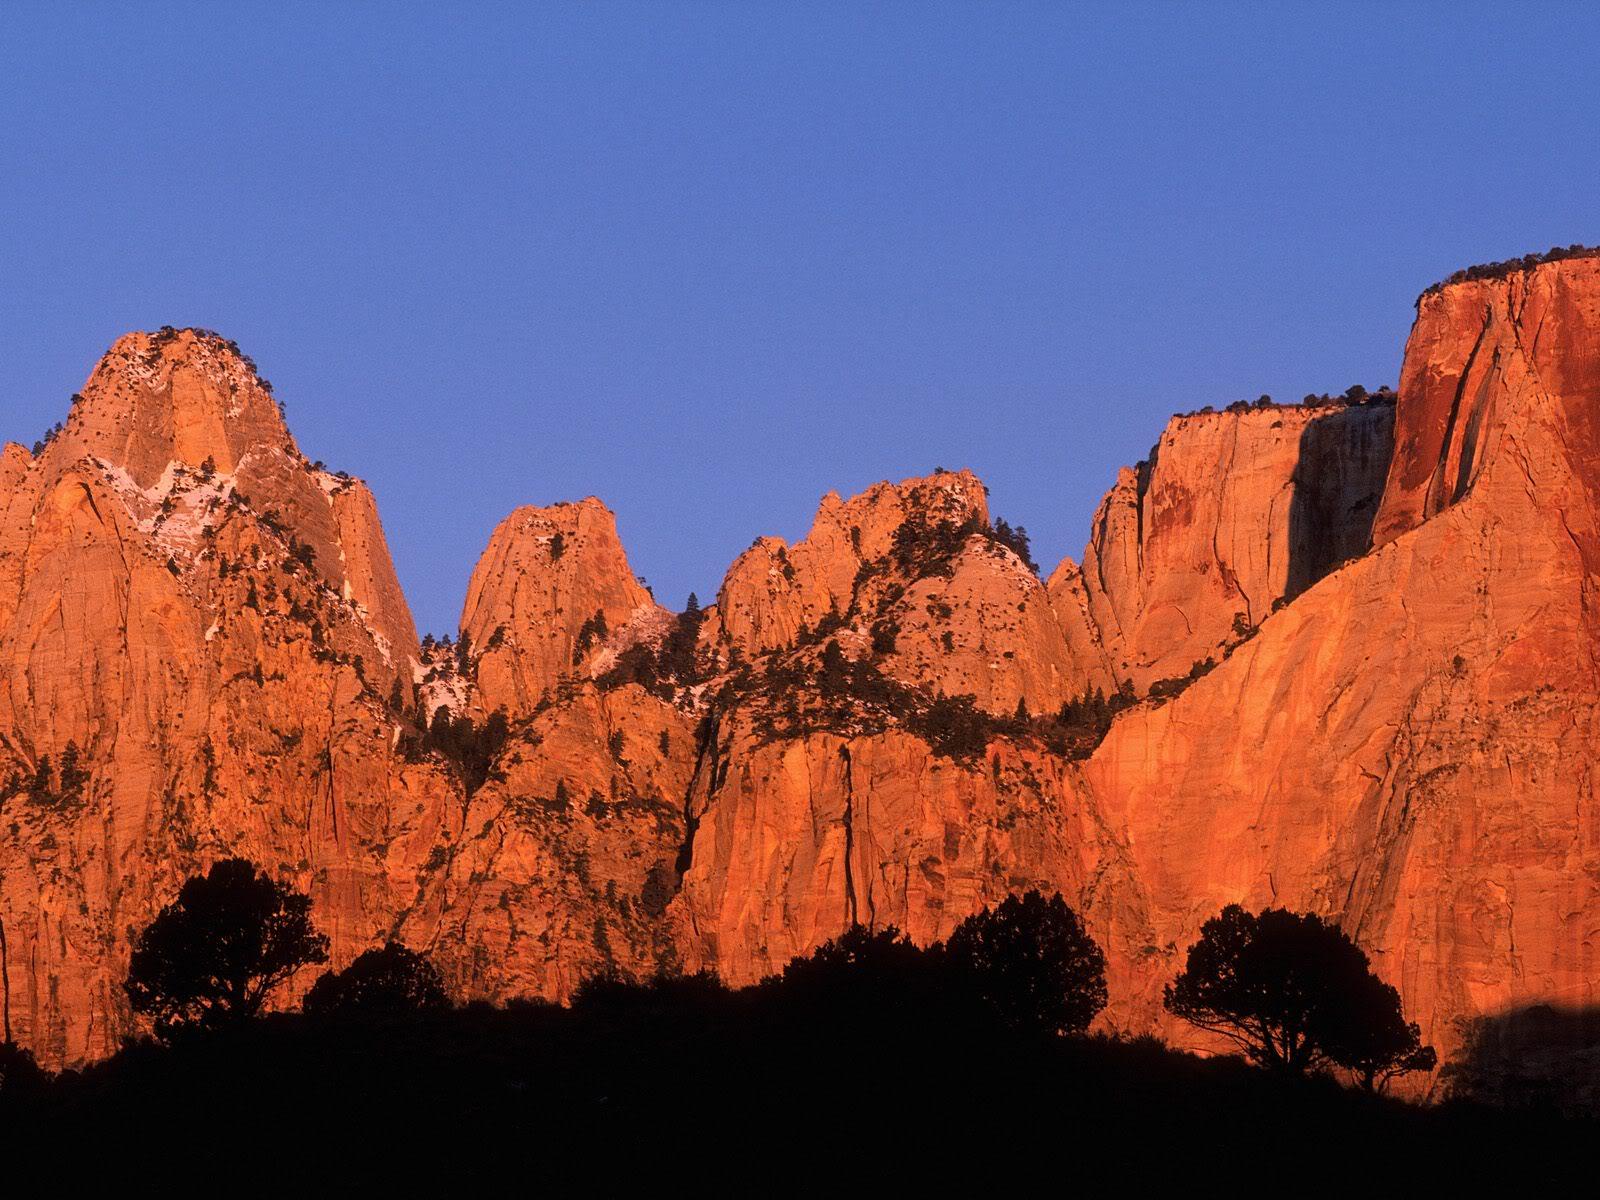 அழகு மலைகளின் காட்சிகள் சில.....02 - Page 22 CrimsonRiseZionUtah